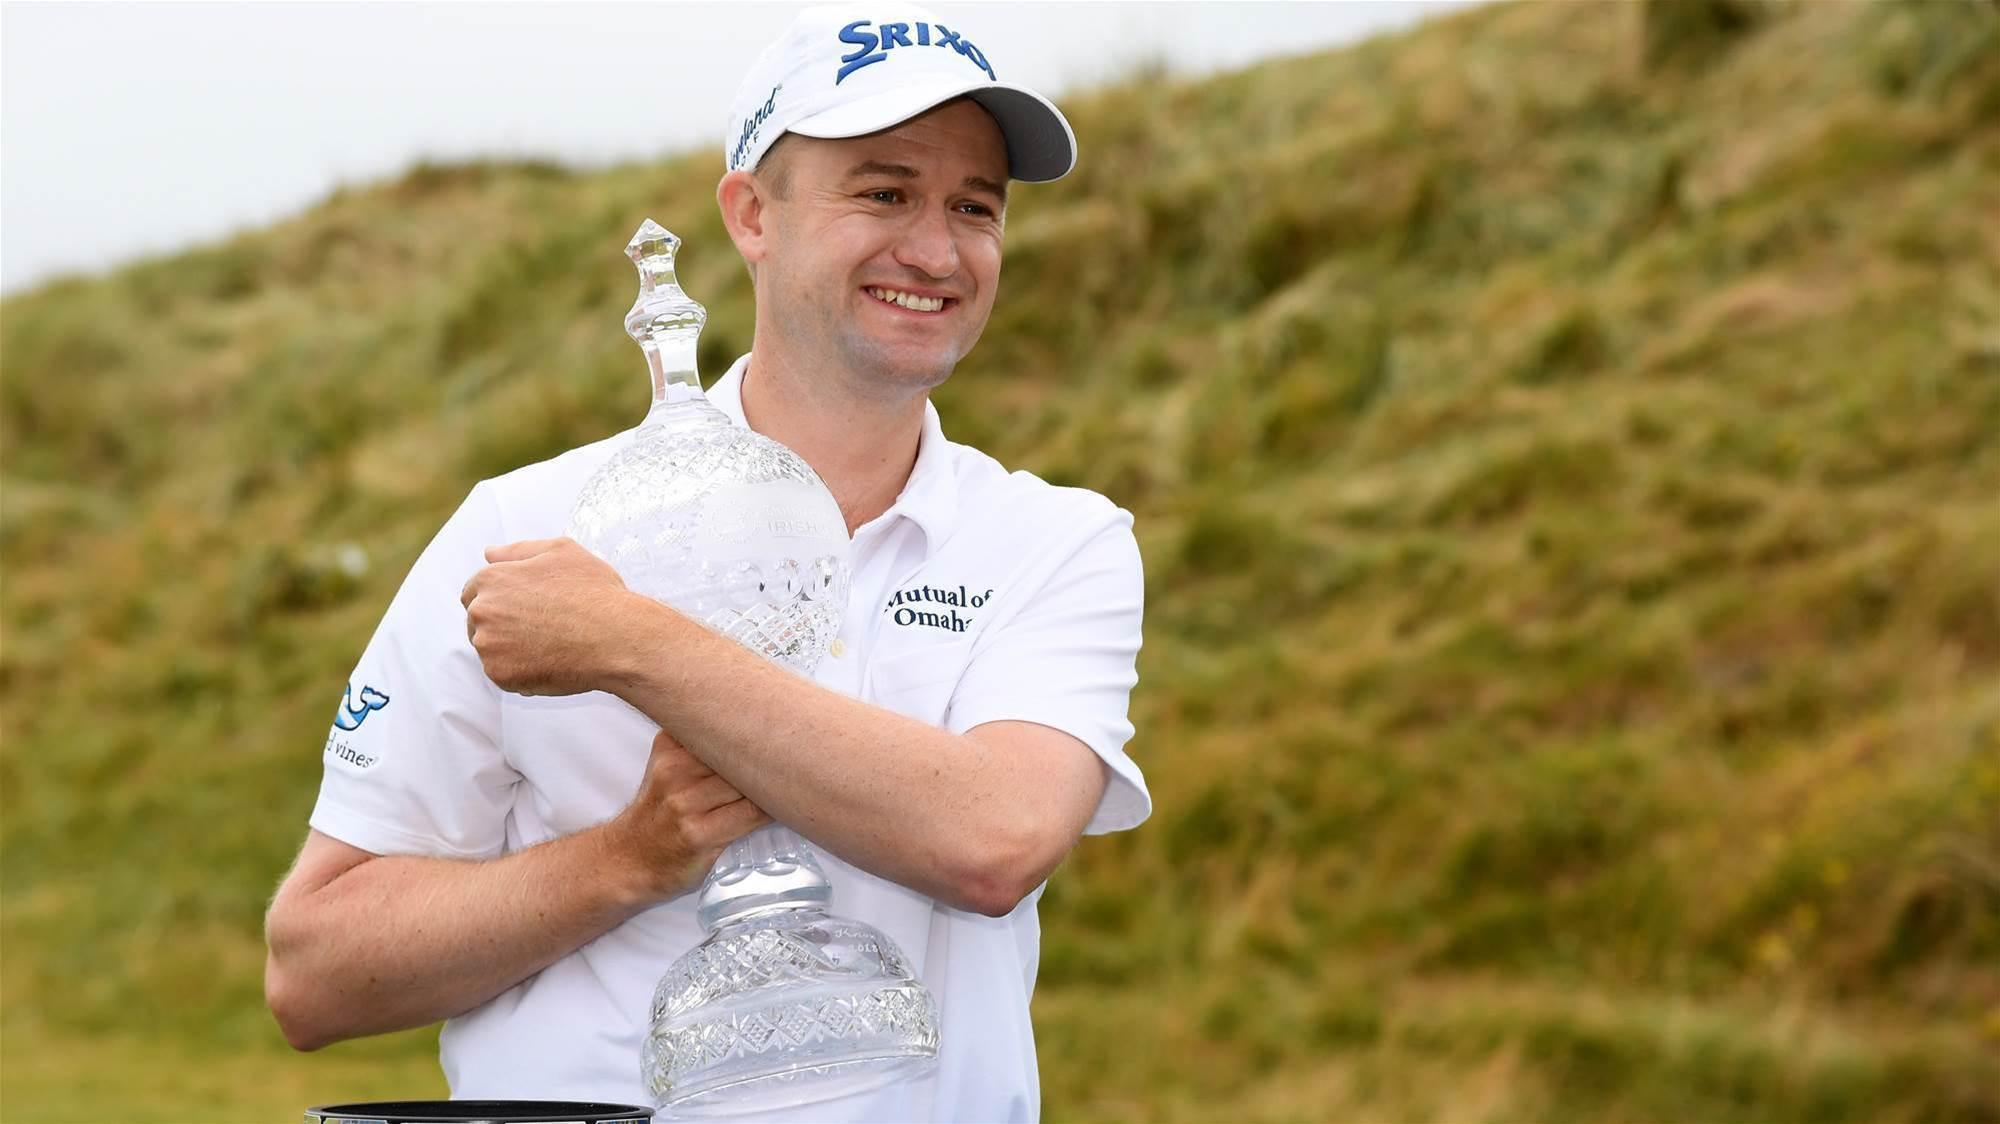 Knox narrowly beats Fox in Irish Open